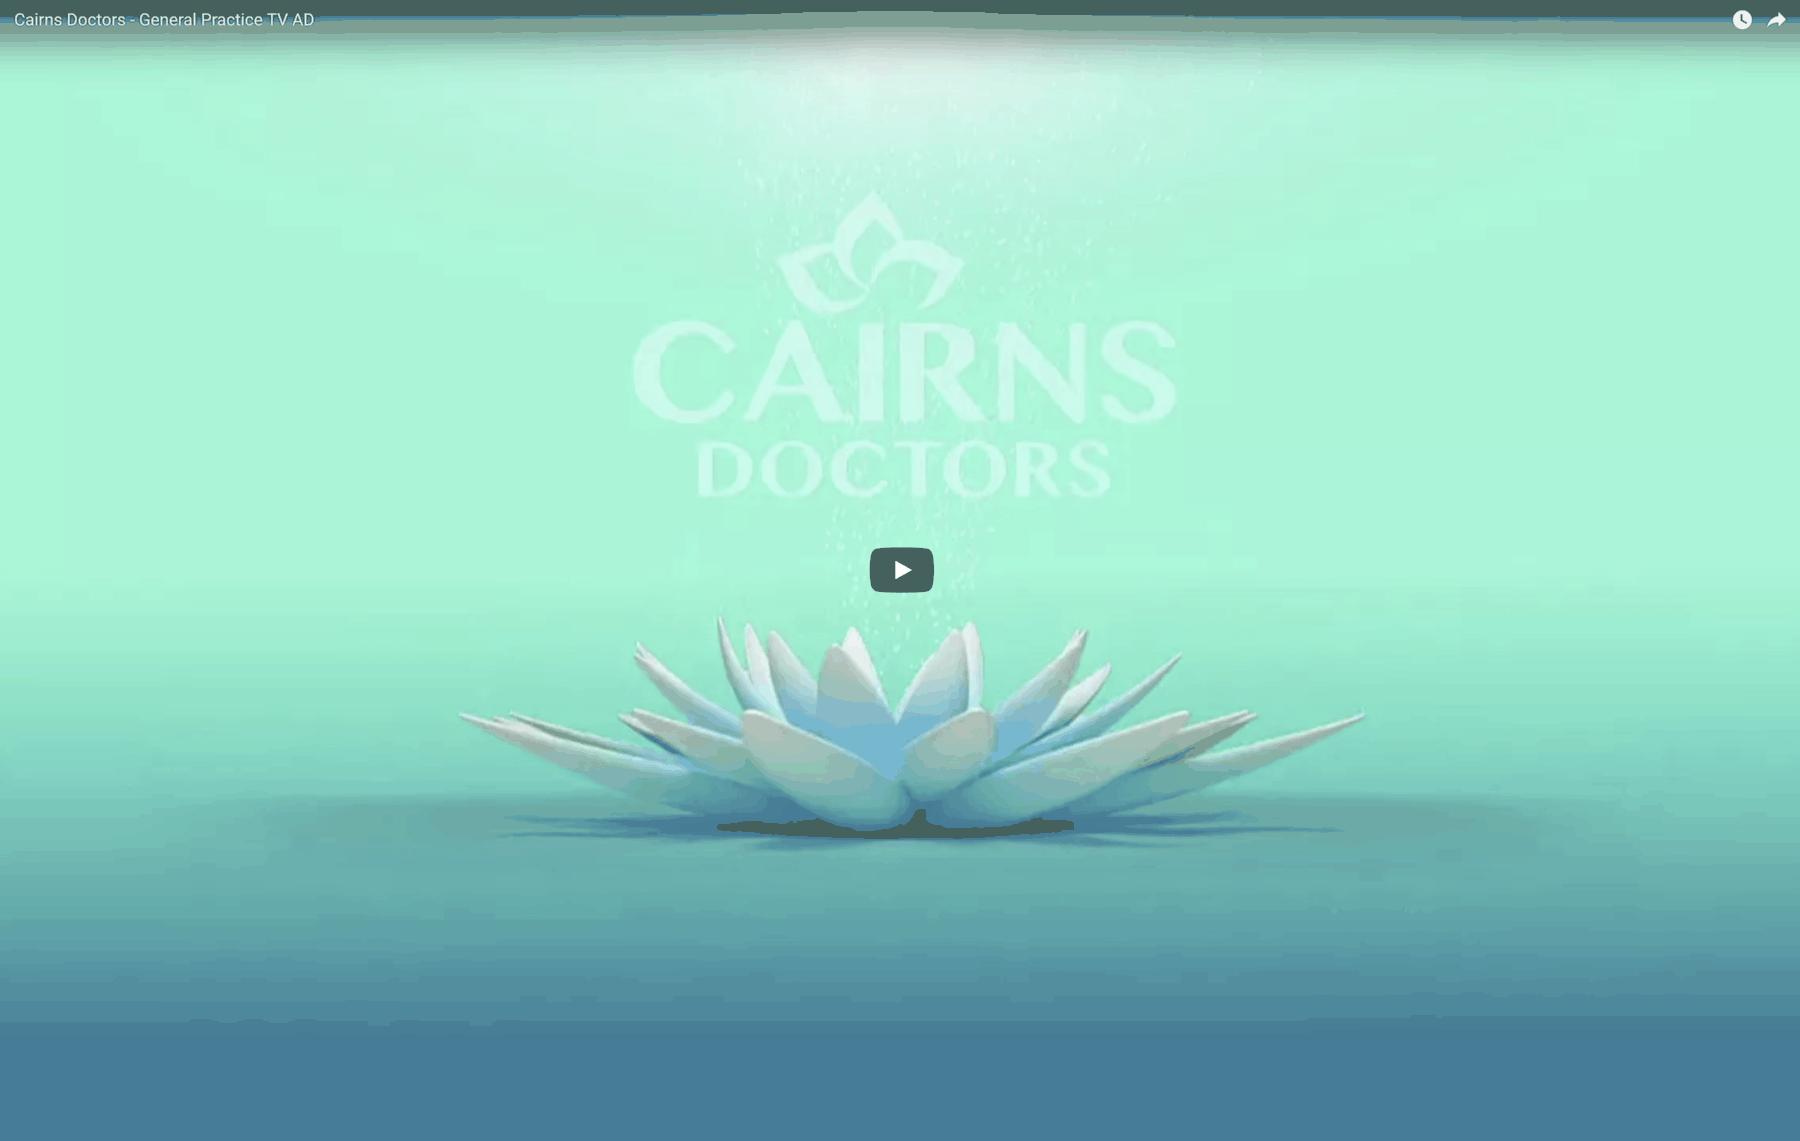 Cairns Doctors General TV Advertisement